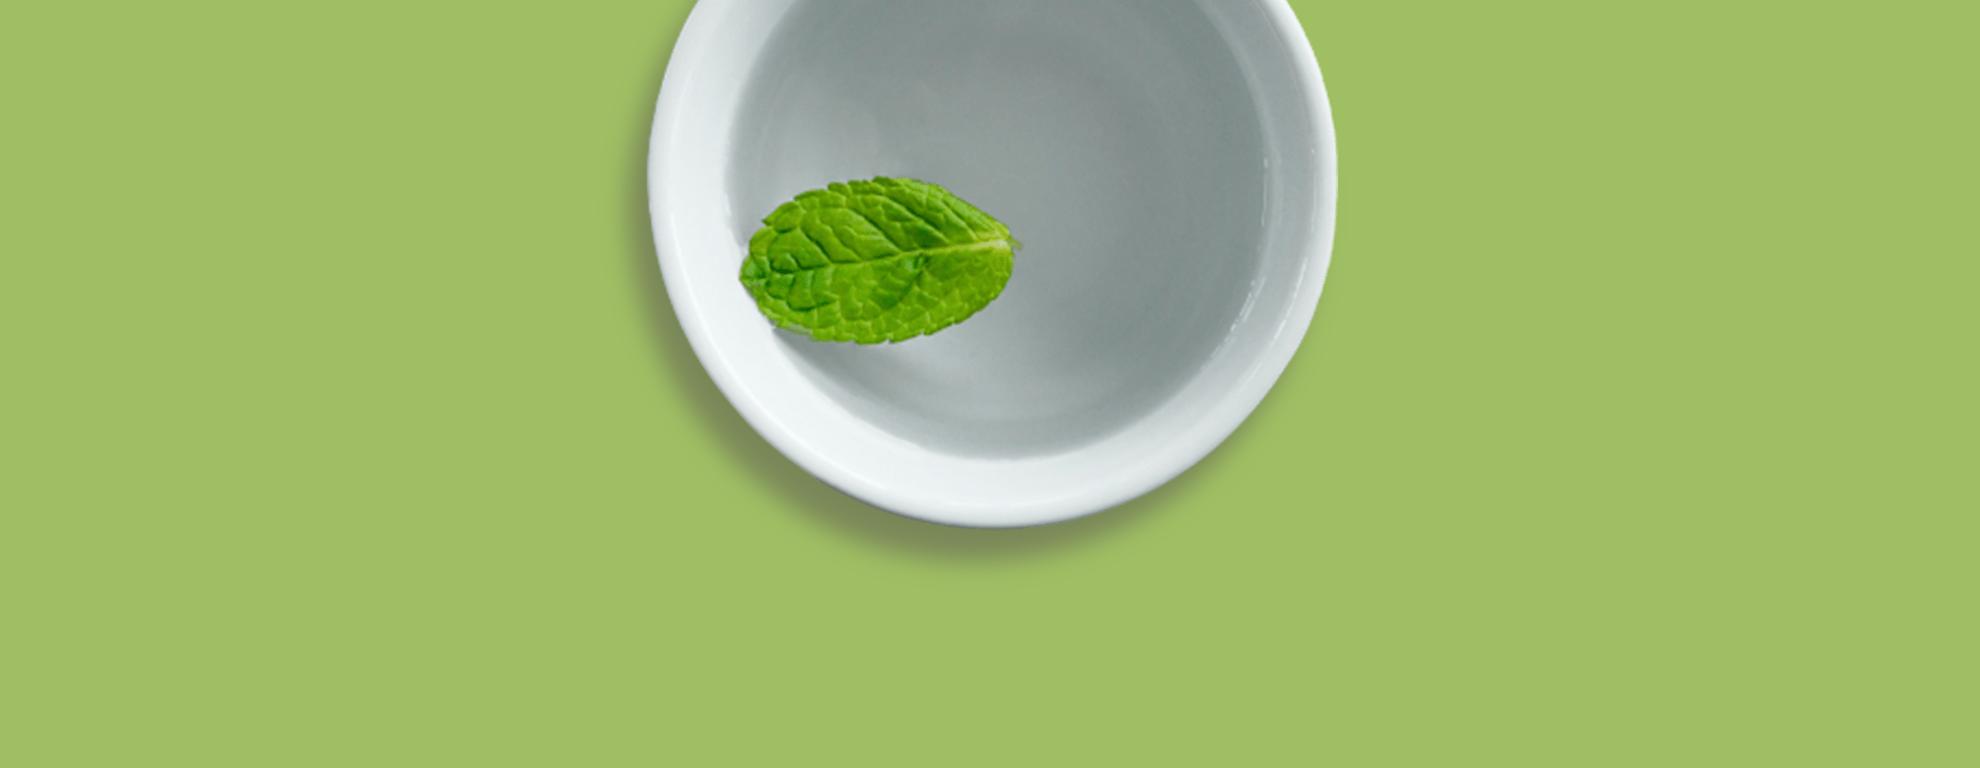 Hierbabuena: para qué sirve, beneficios y cómo se usa - Featured image